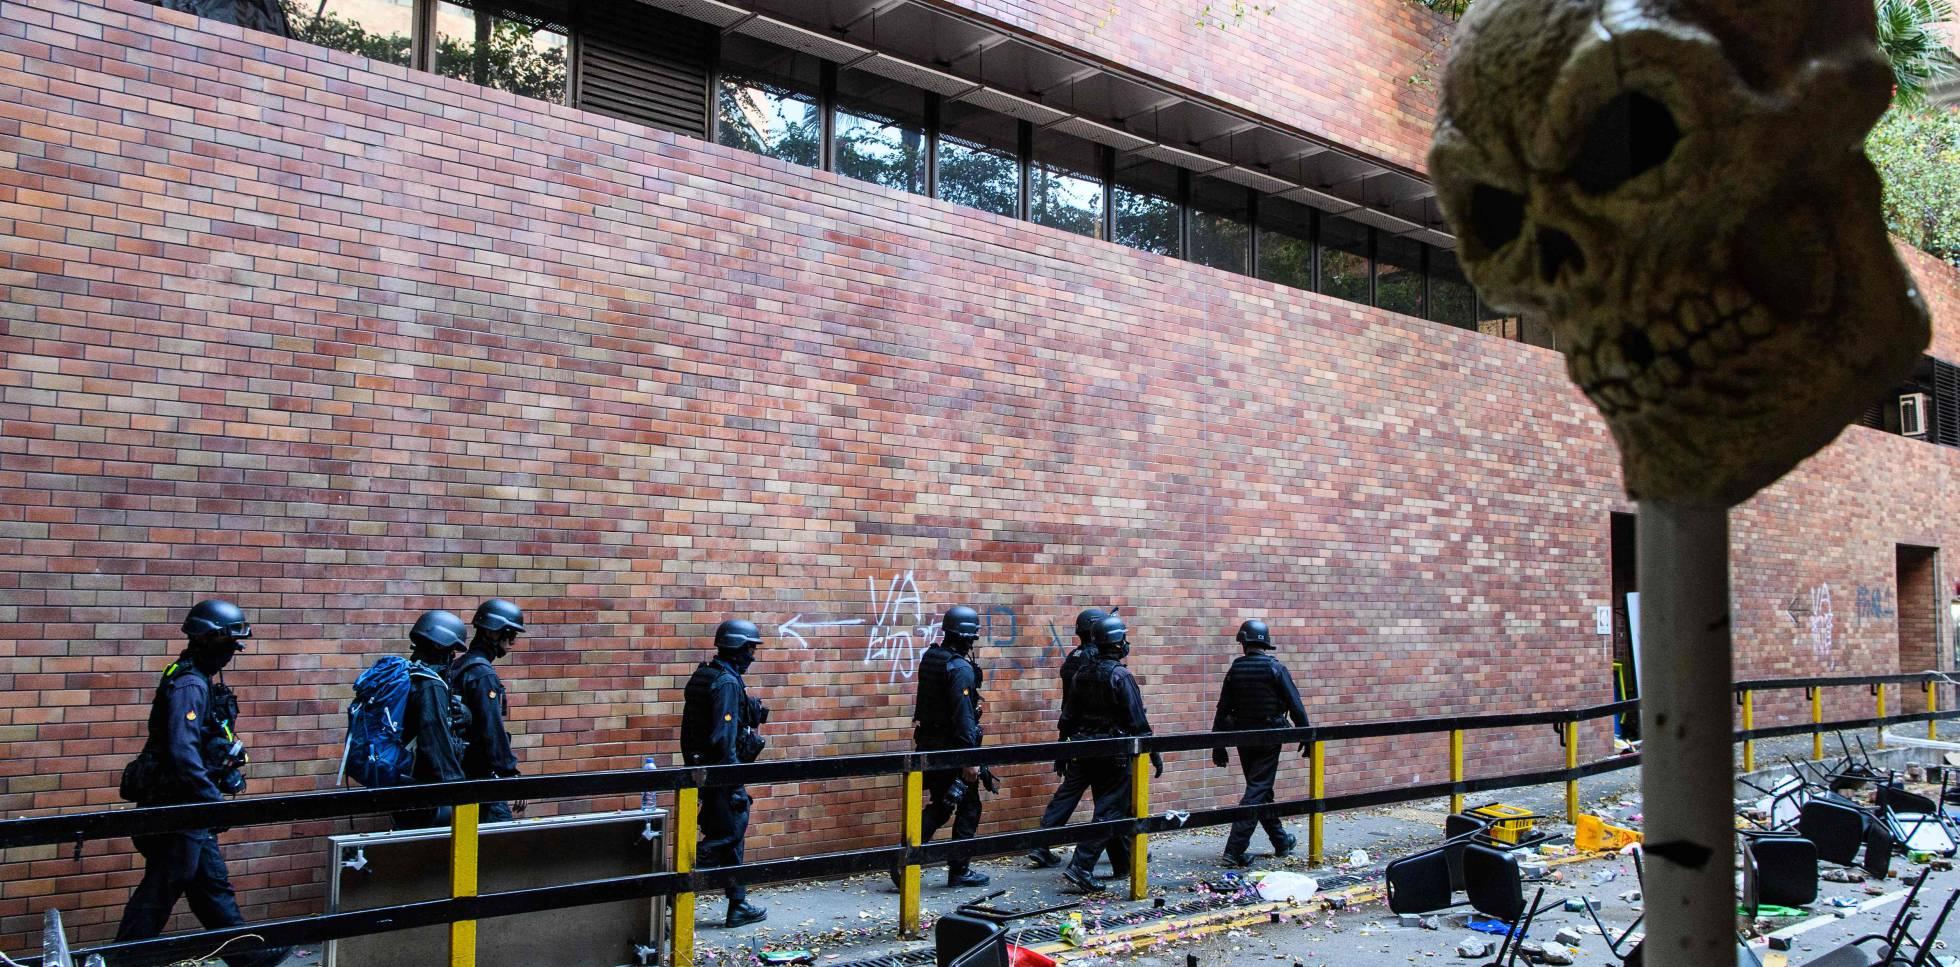 El personal de la Oficina de Eliminación de Artefactos Explosivos de la Policía de Hong Kong (EOD) busca explosivos y productos químicos en la Universidad Politécnica de Hong Kong, el 28 de noviembre.